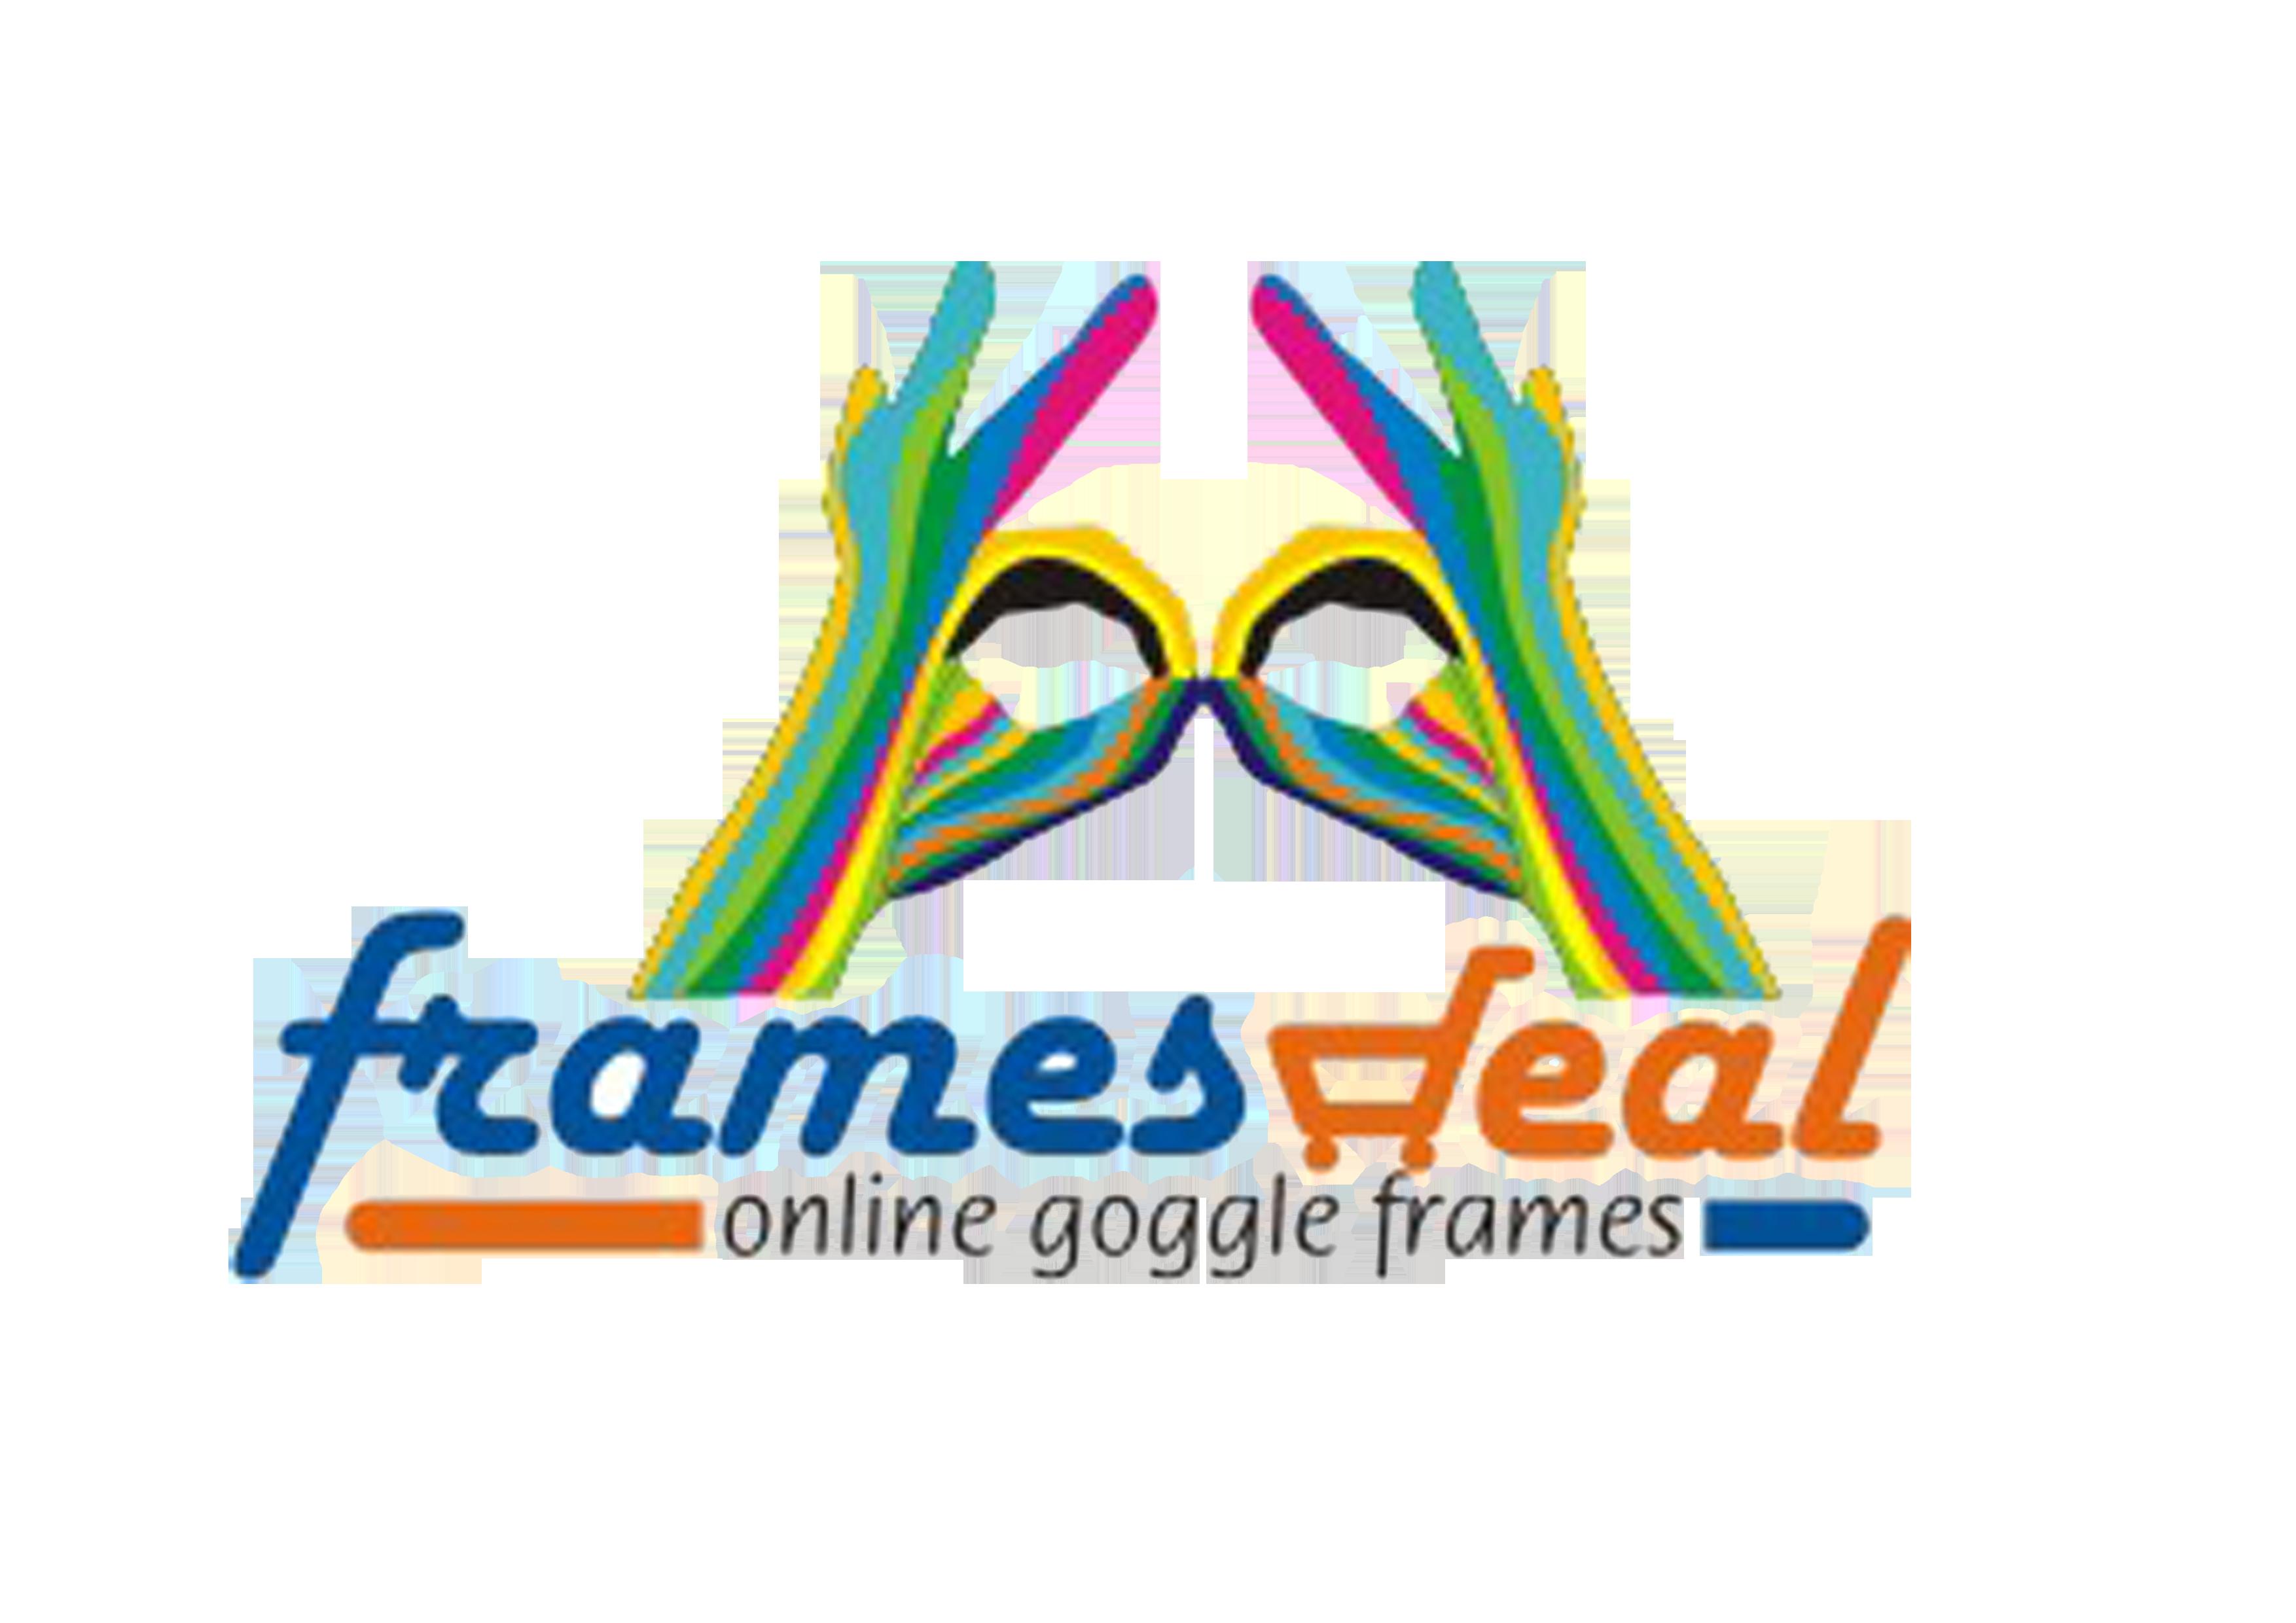 framesdeal